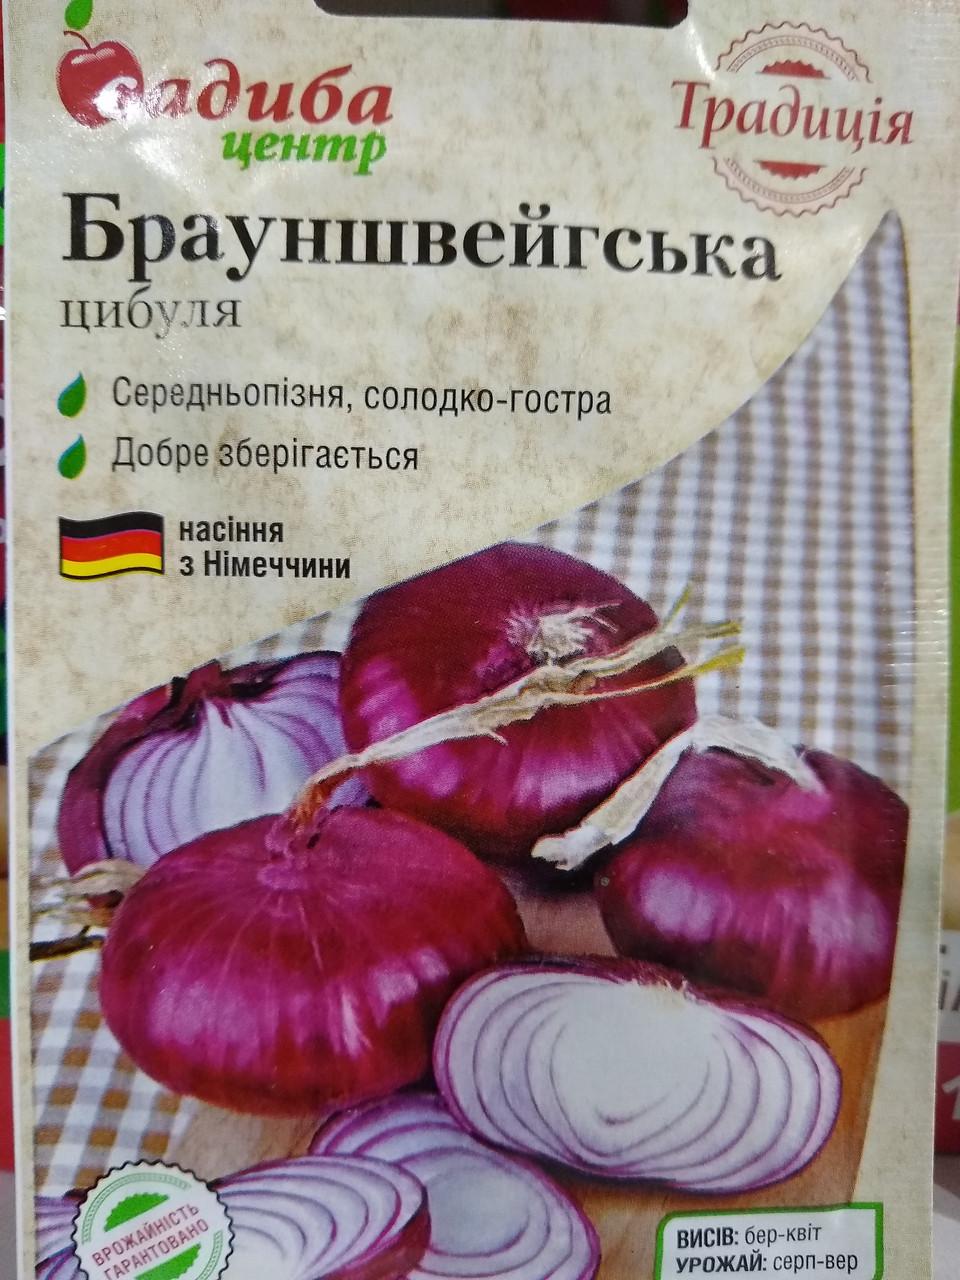 Насіння цибулі Брауншвейского, середньопізній темно-фіолетовий, 1 г, Німеччина